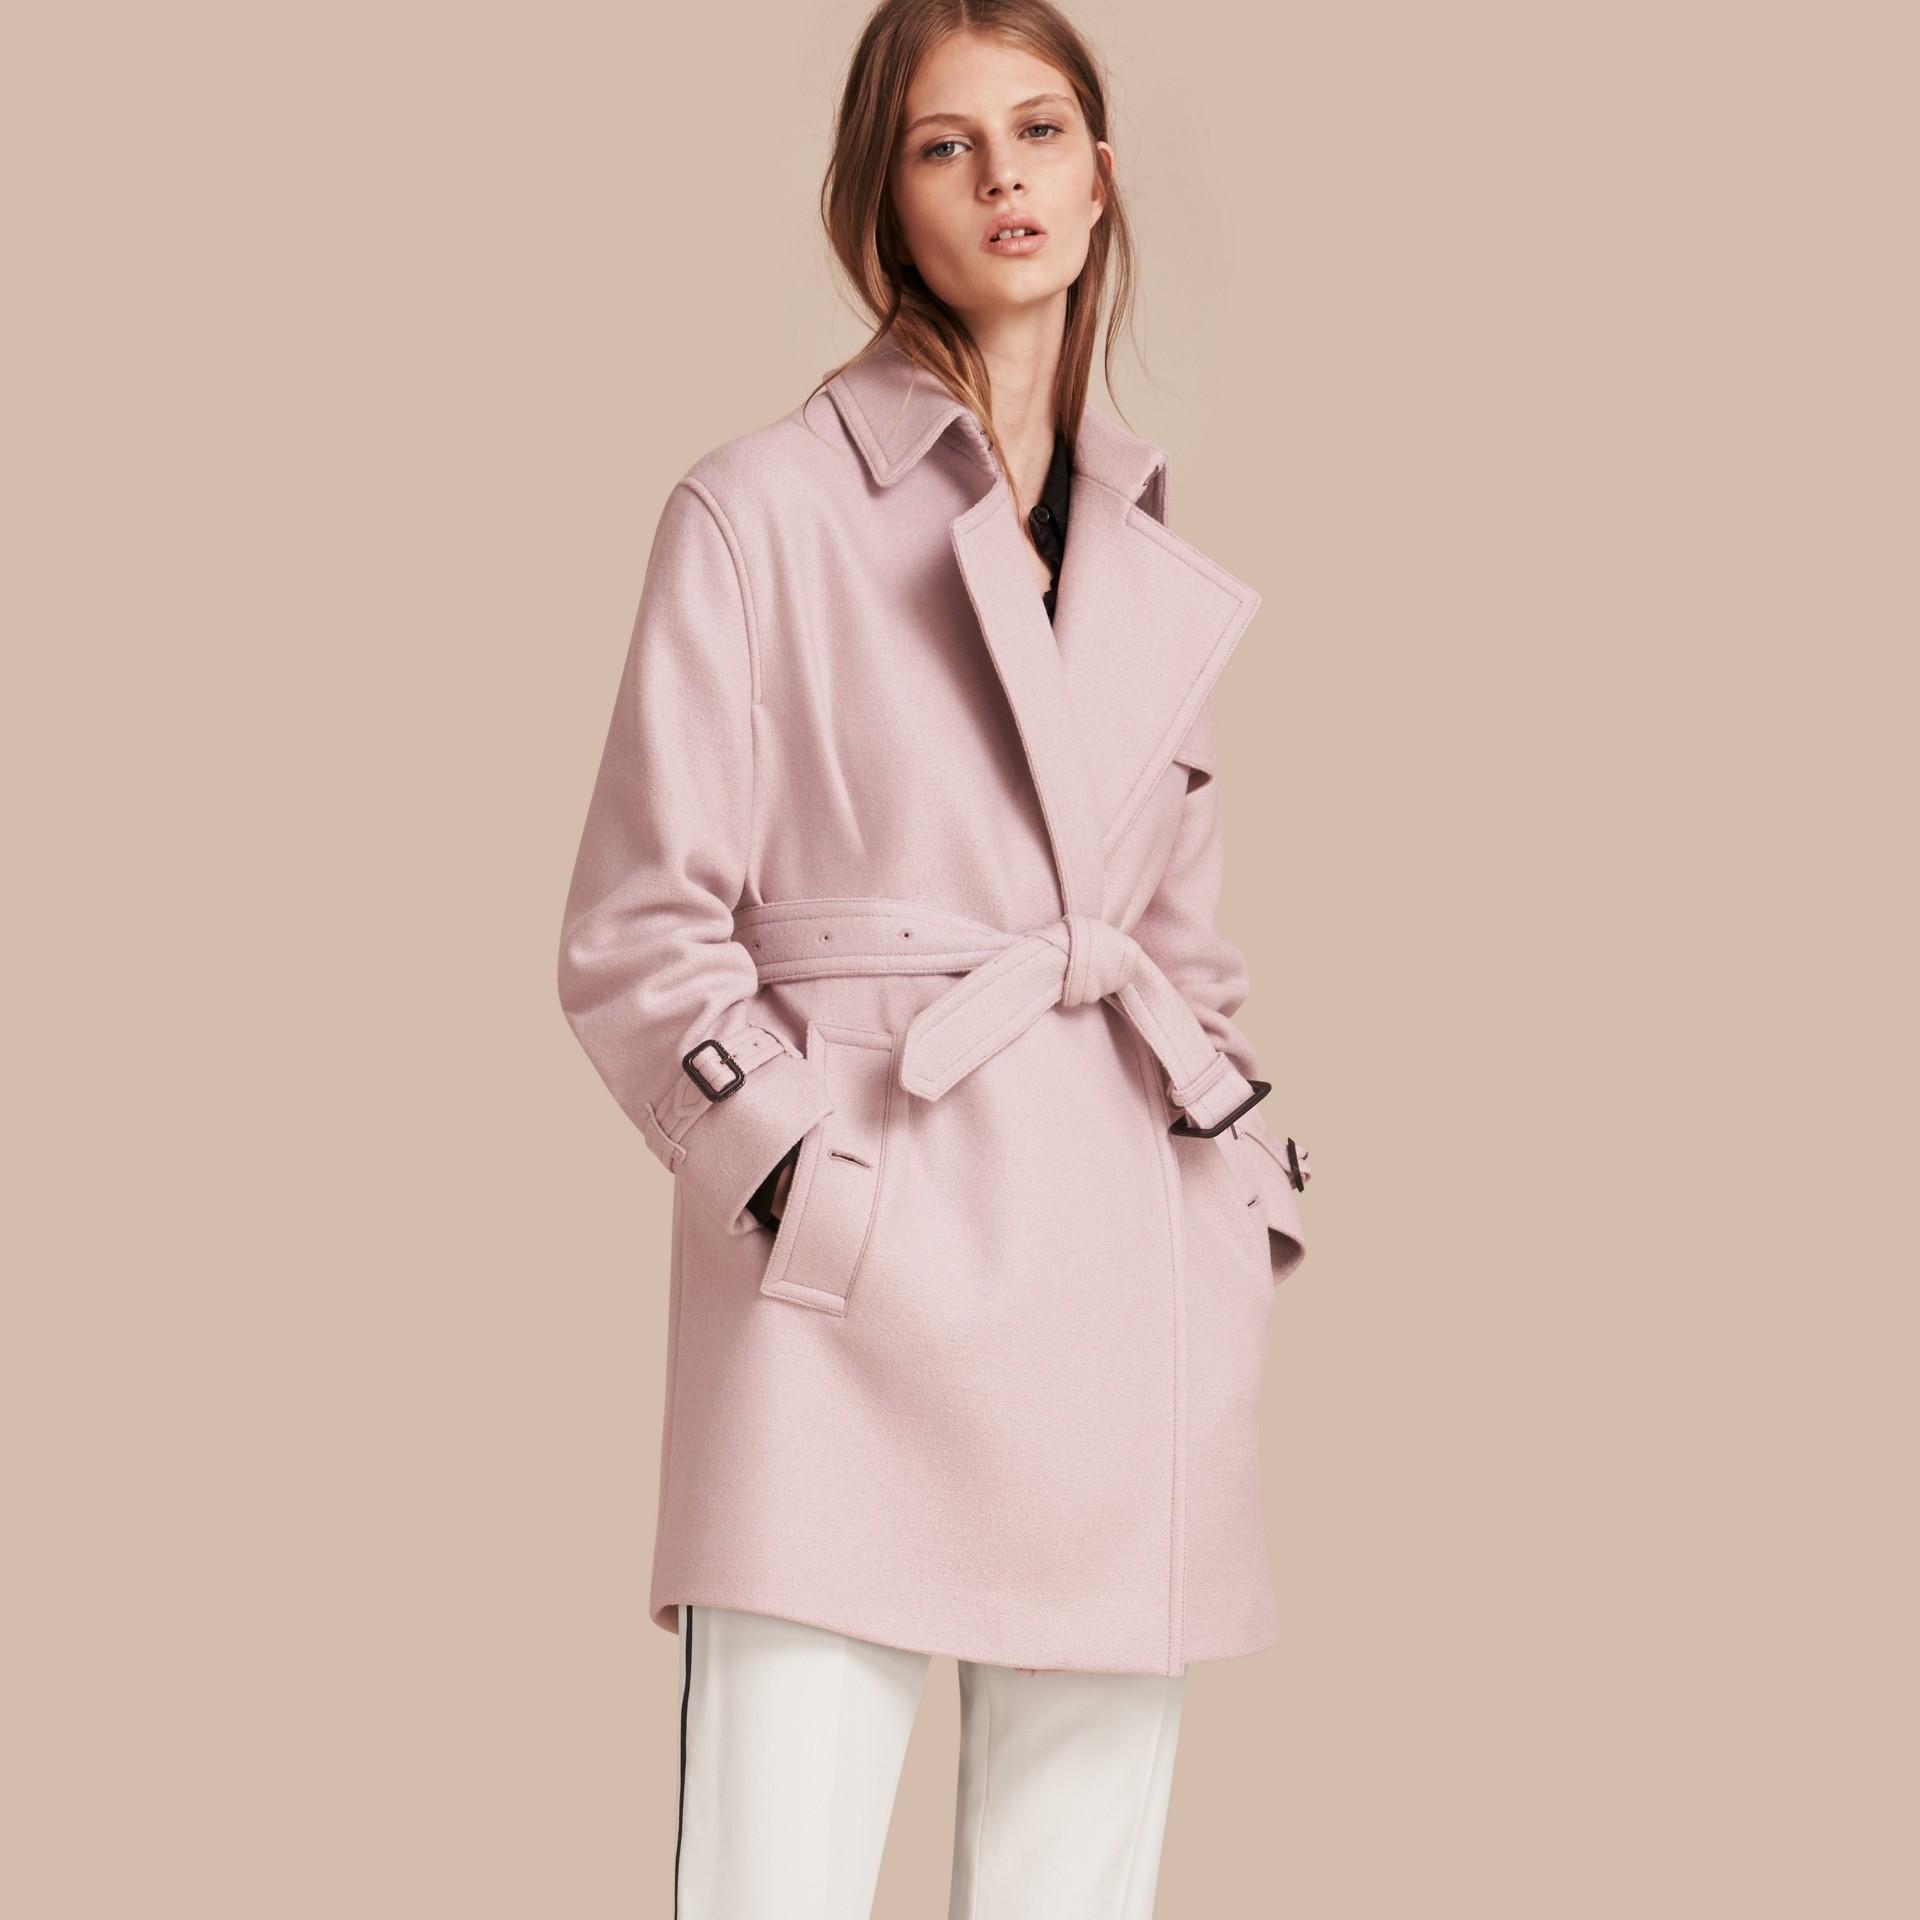 淡紫色 羊毛裹身風衣 - 圖庫照片 1